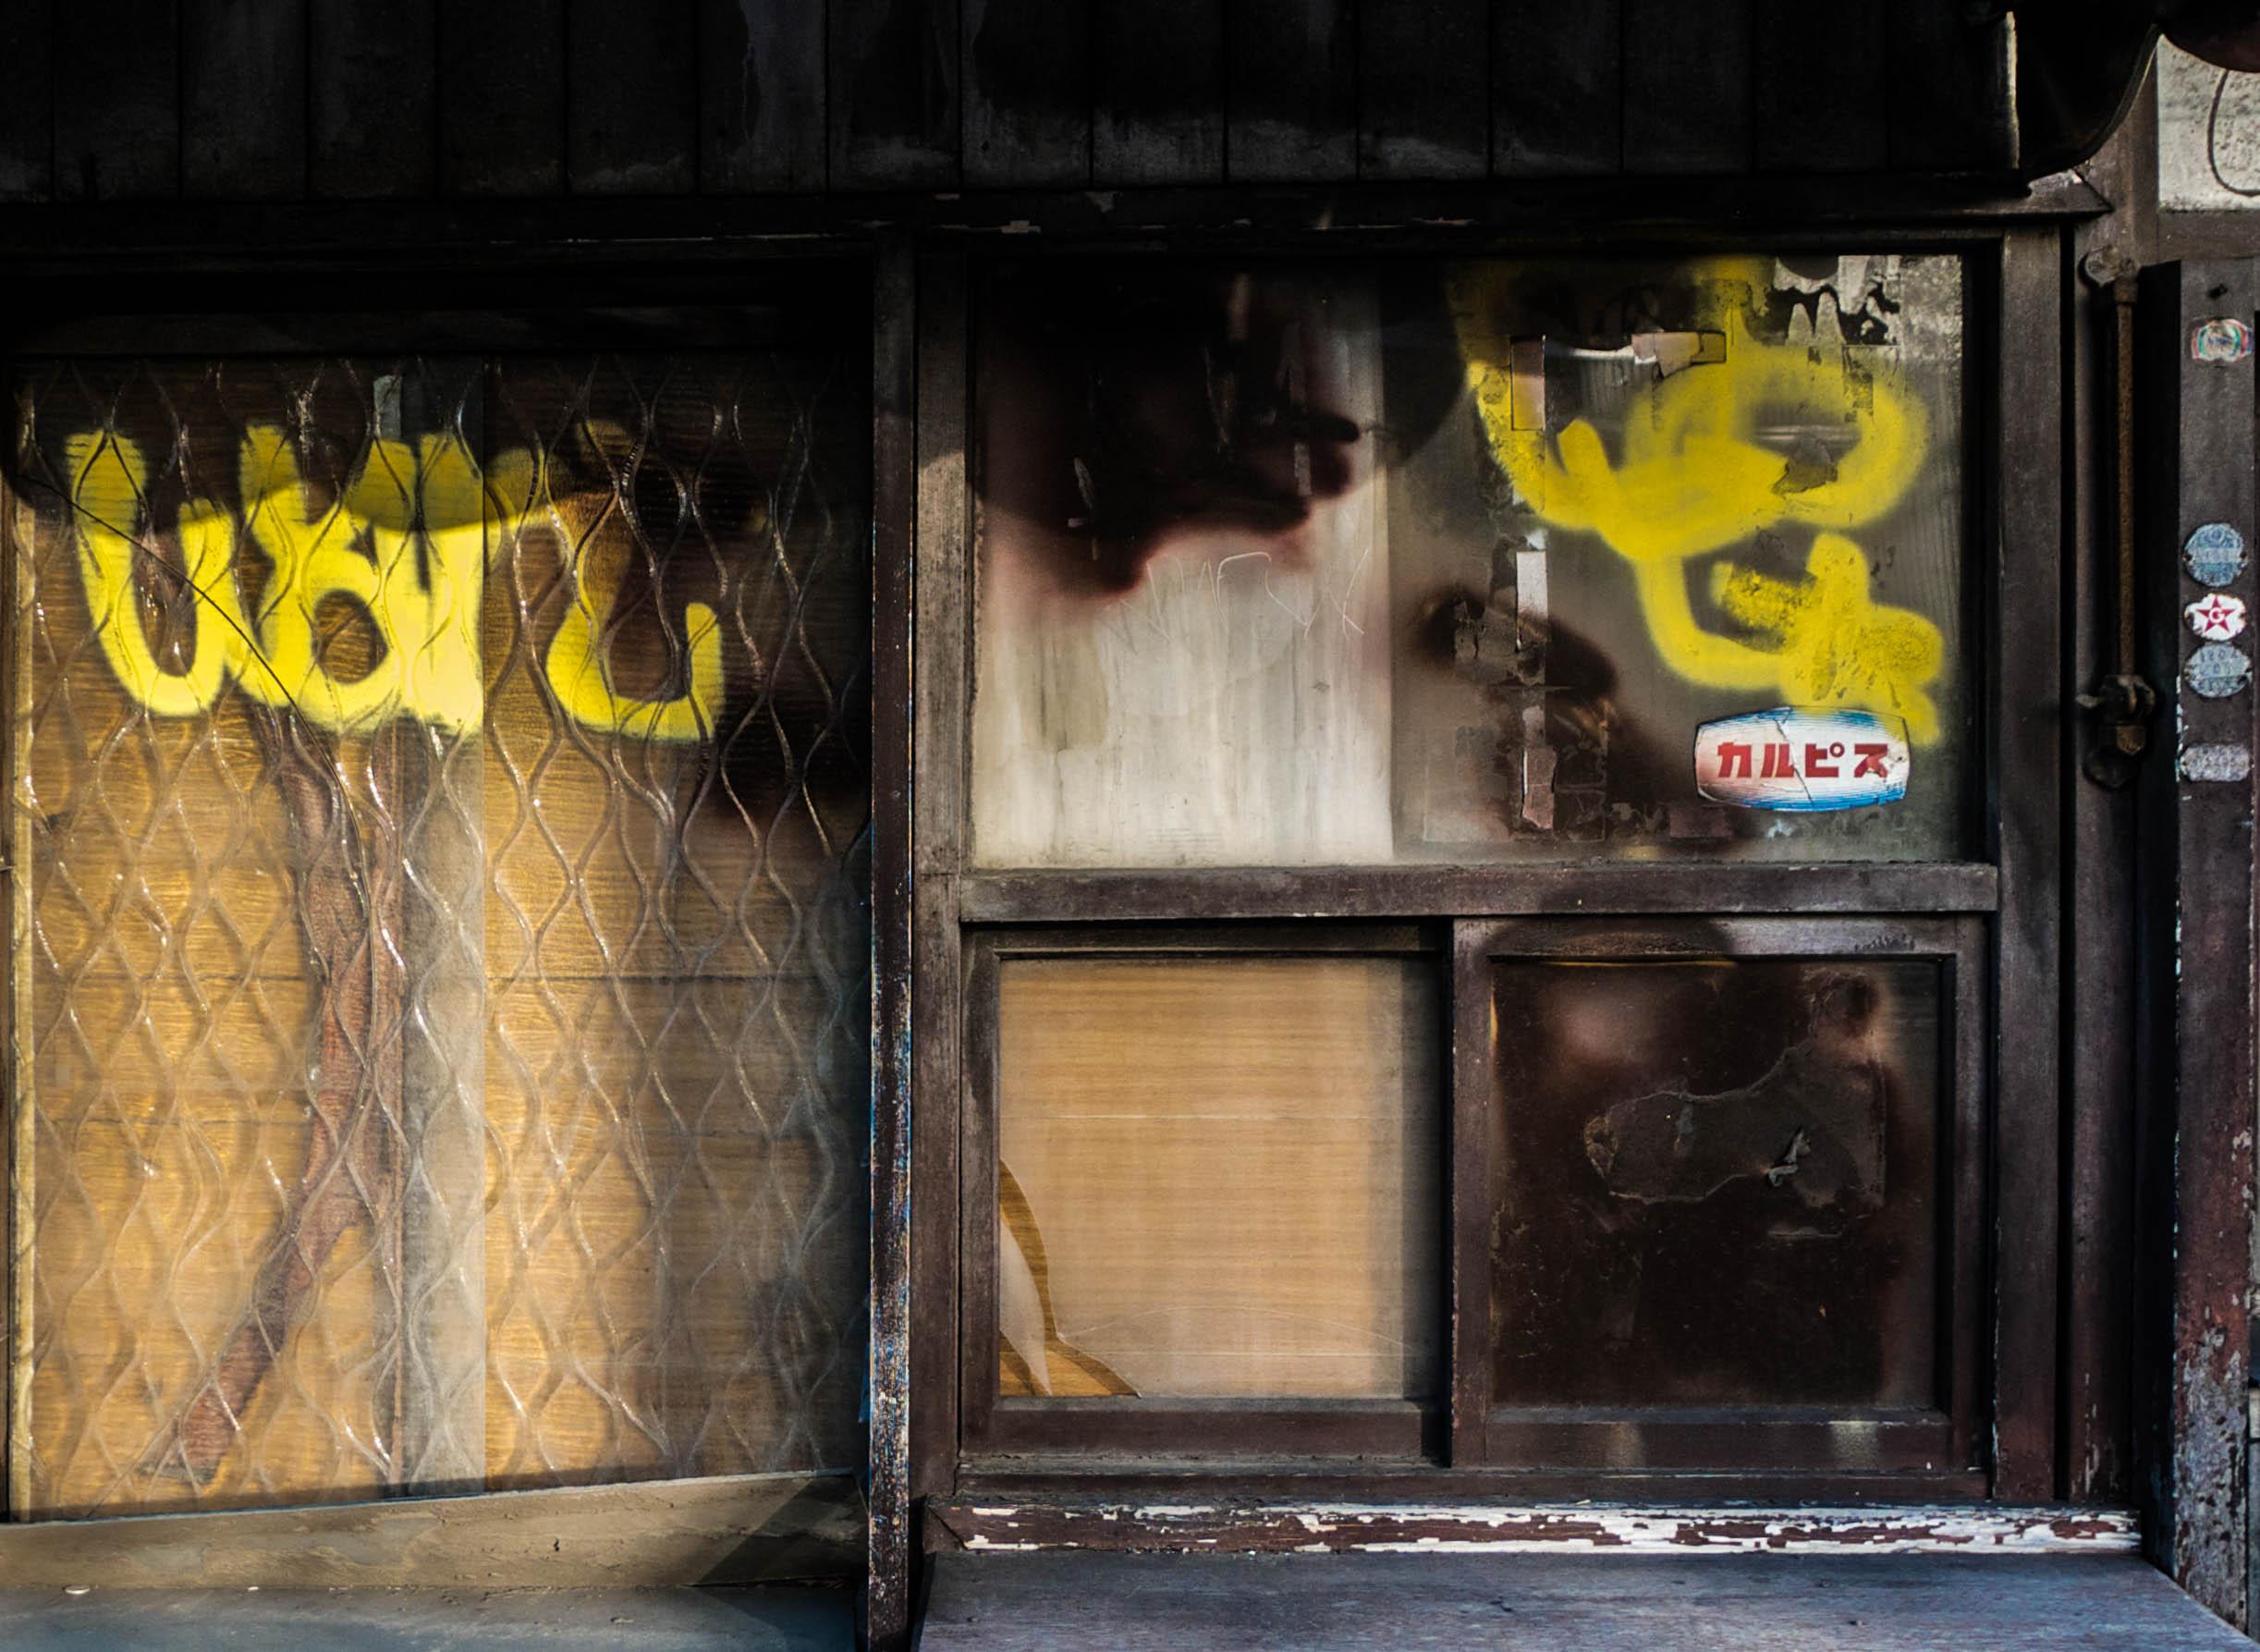 Window of derelict bakery